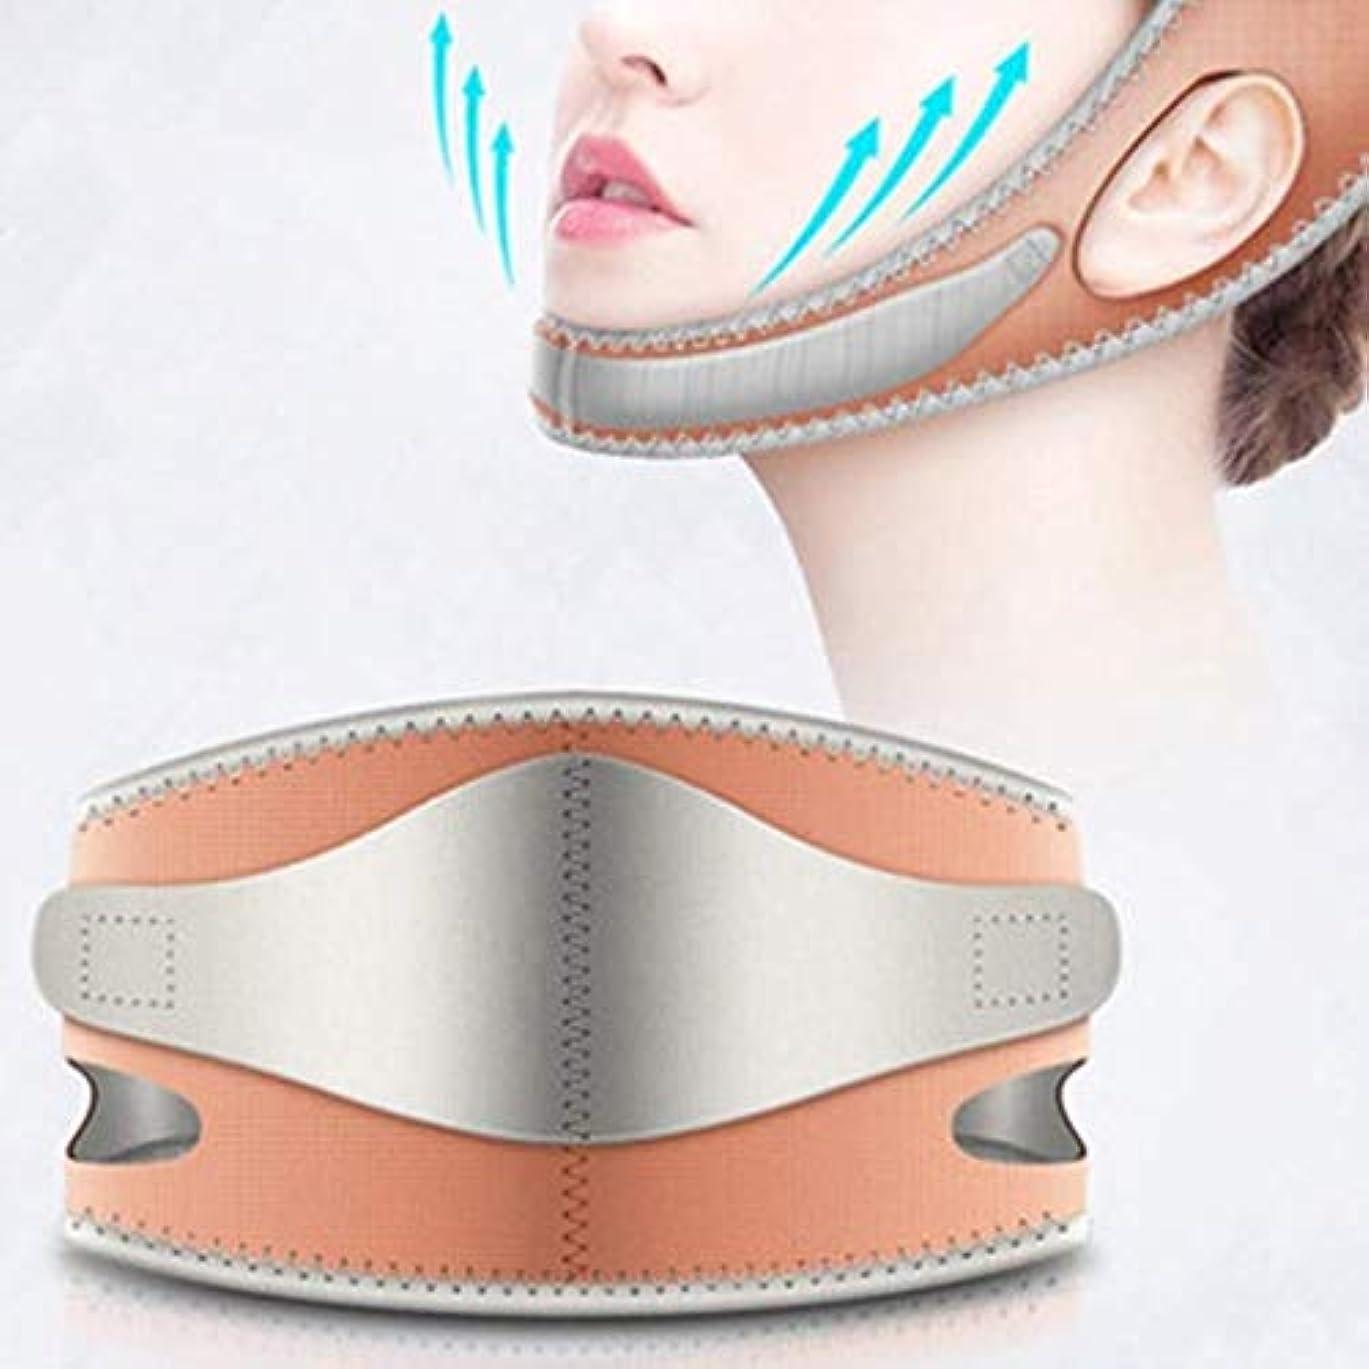 マニュアル罪悪感戻るフェイスリフティング痩身Vフェイスマスクフルカバレッジ包帯減らす顔の二重あごケア減量美容ベルト通気性